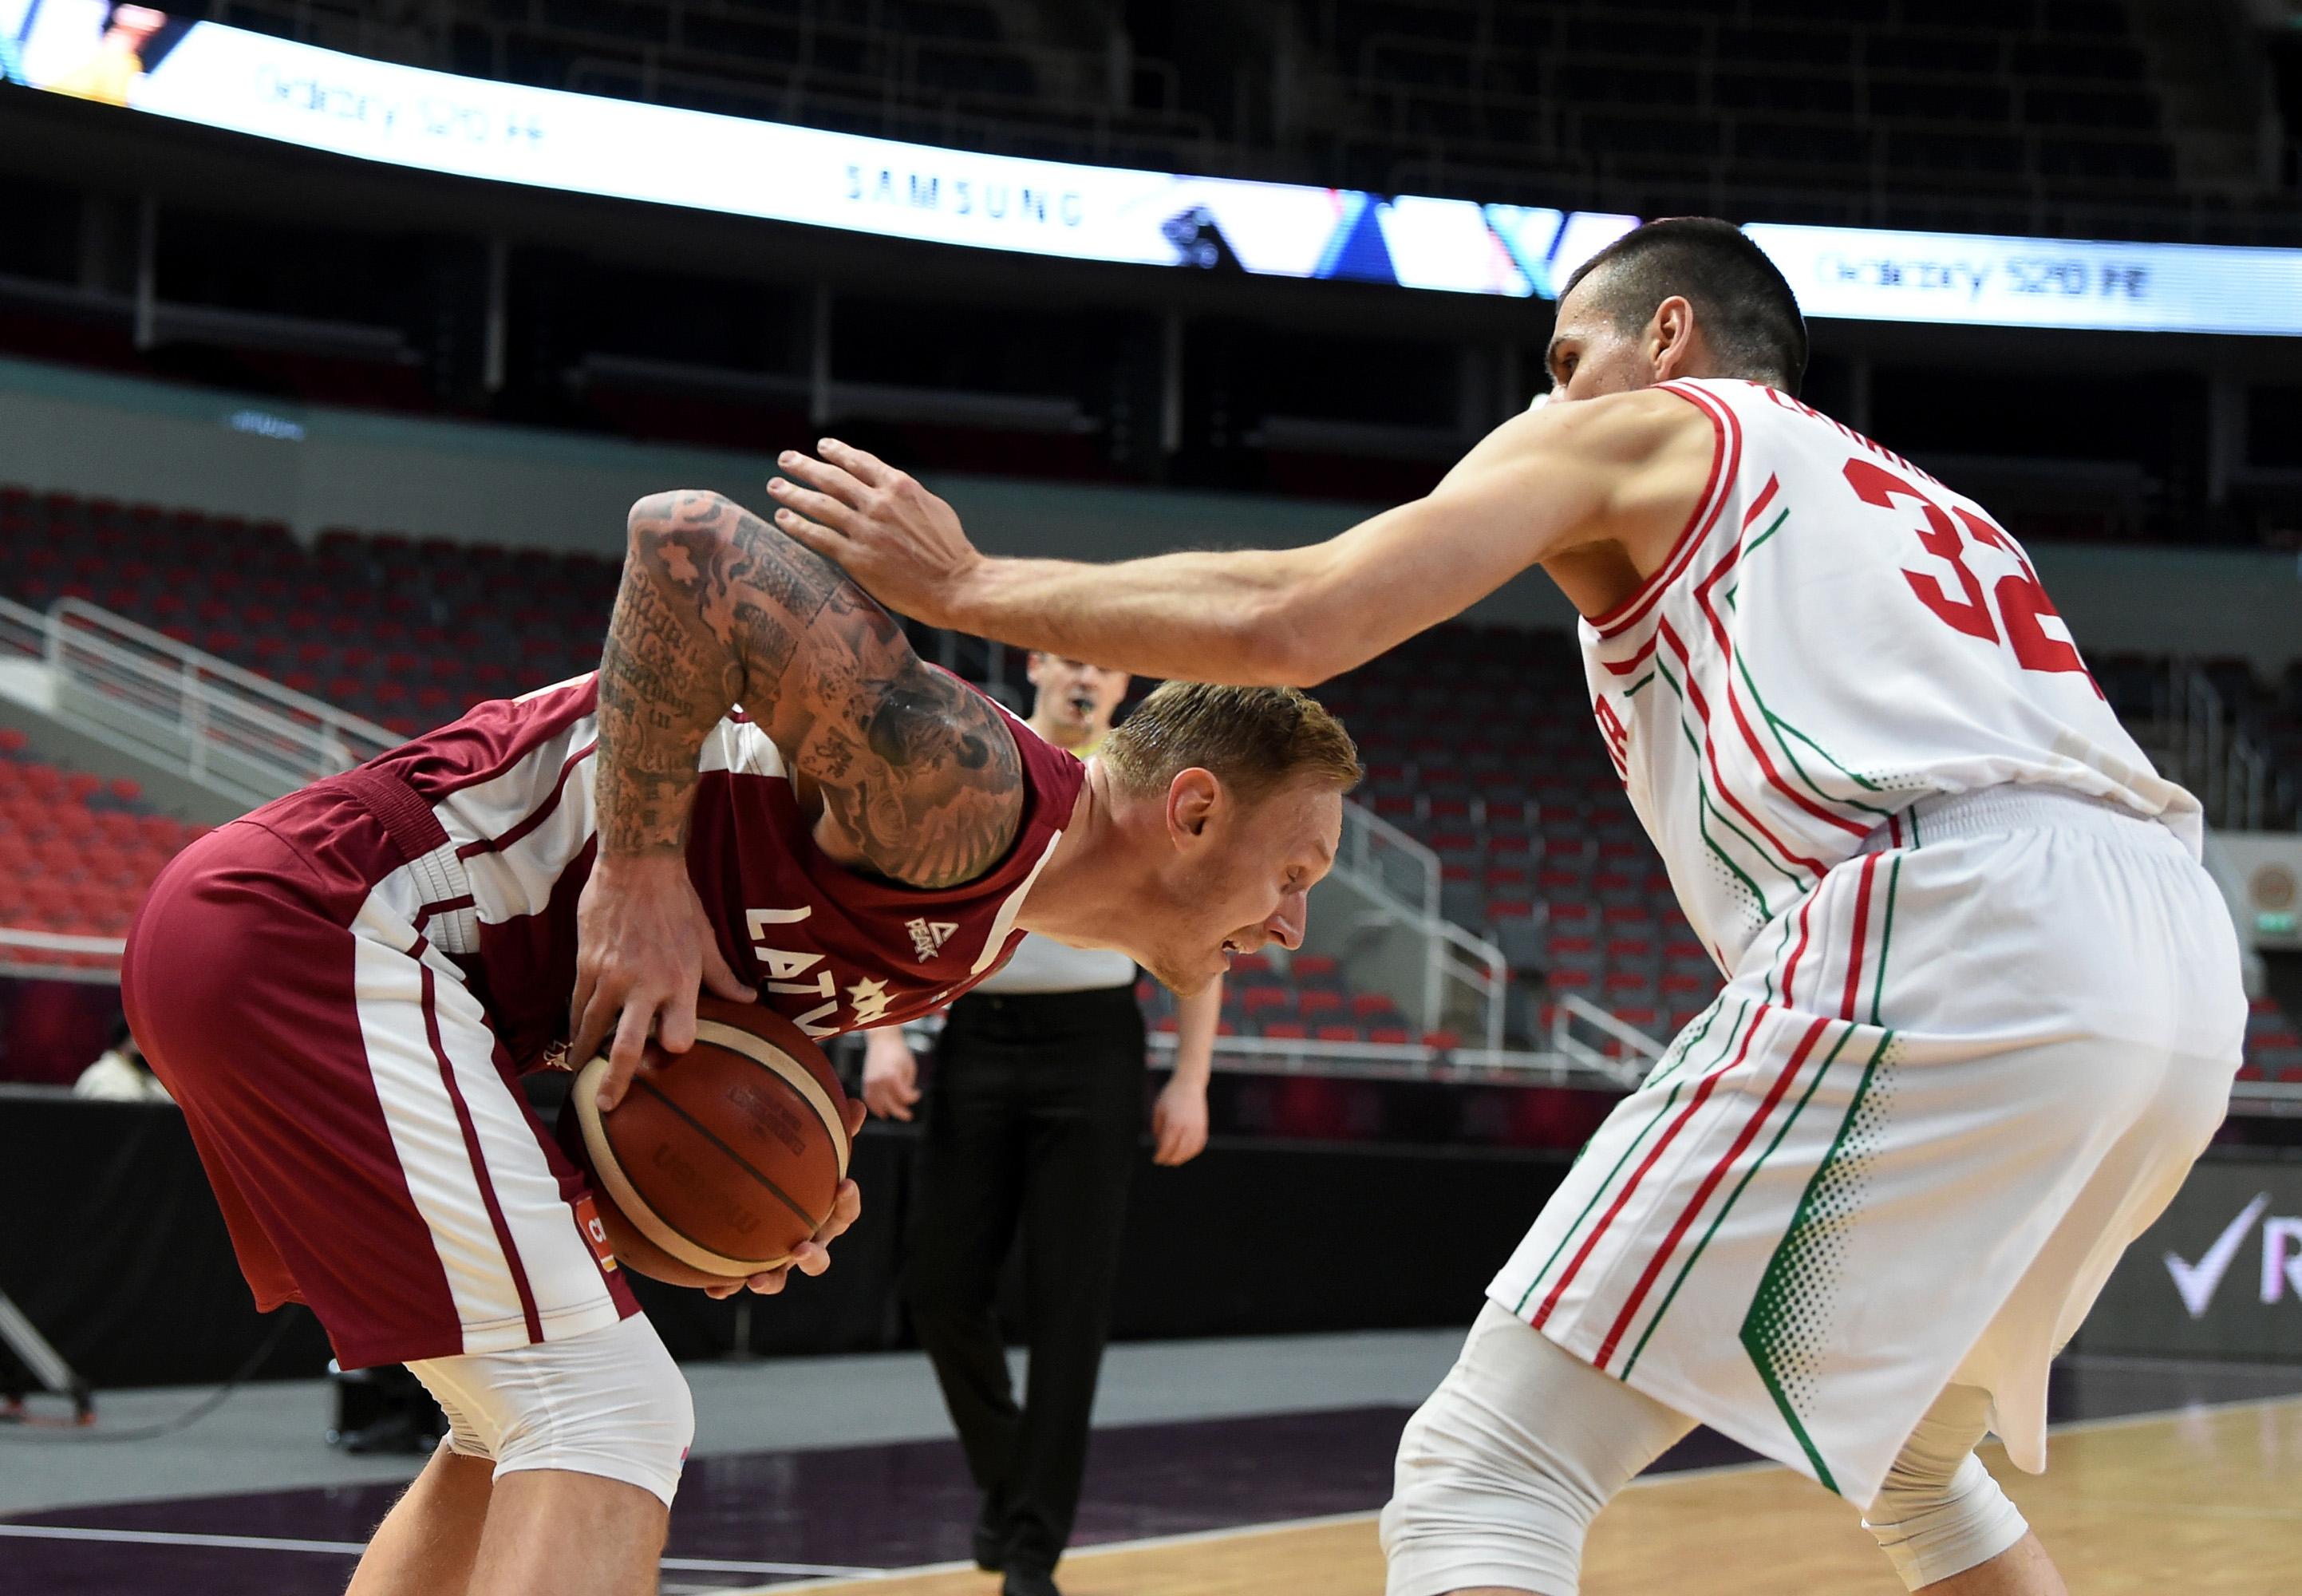 Latvijas basketbola izlases potenciāls - pārvērtēts?